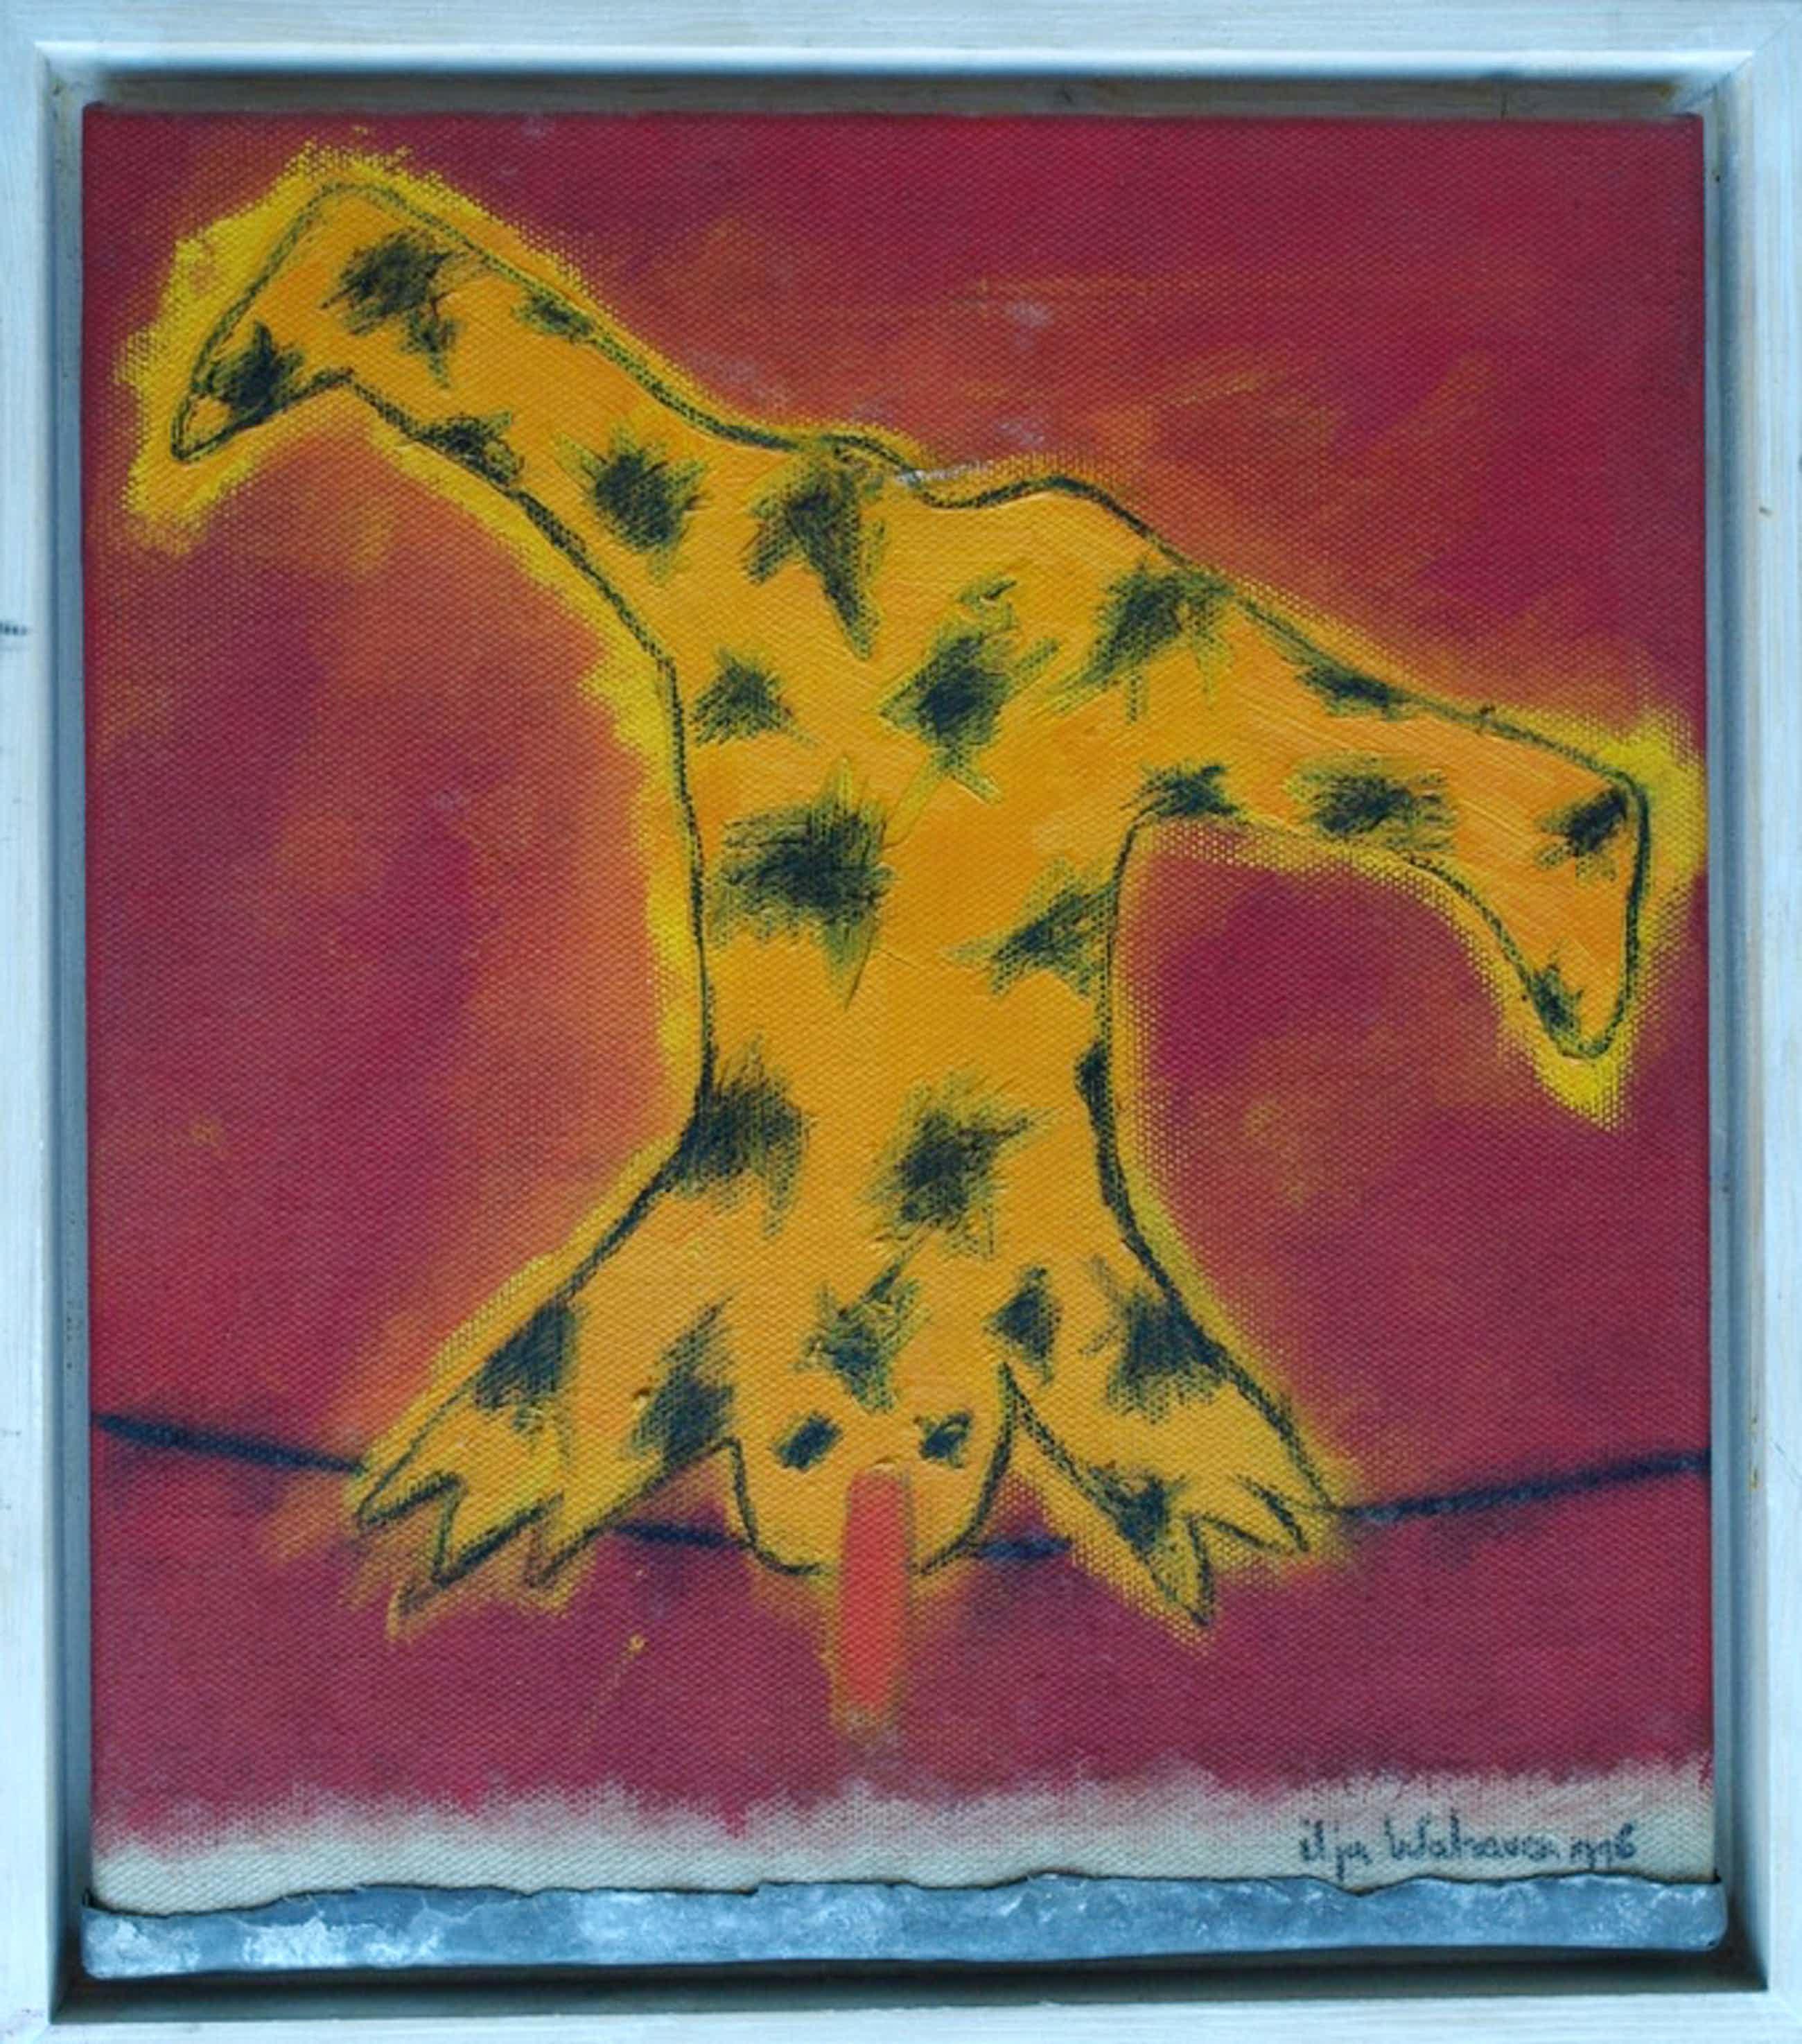 Ilja Walraven : Acrylverf en zink , koorddanser 2 � gesigneerd & ingelijst �1996 kopen? Bied vanaf 125!